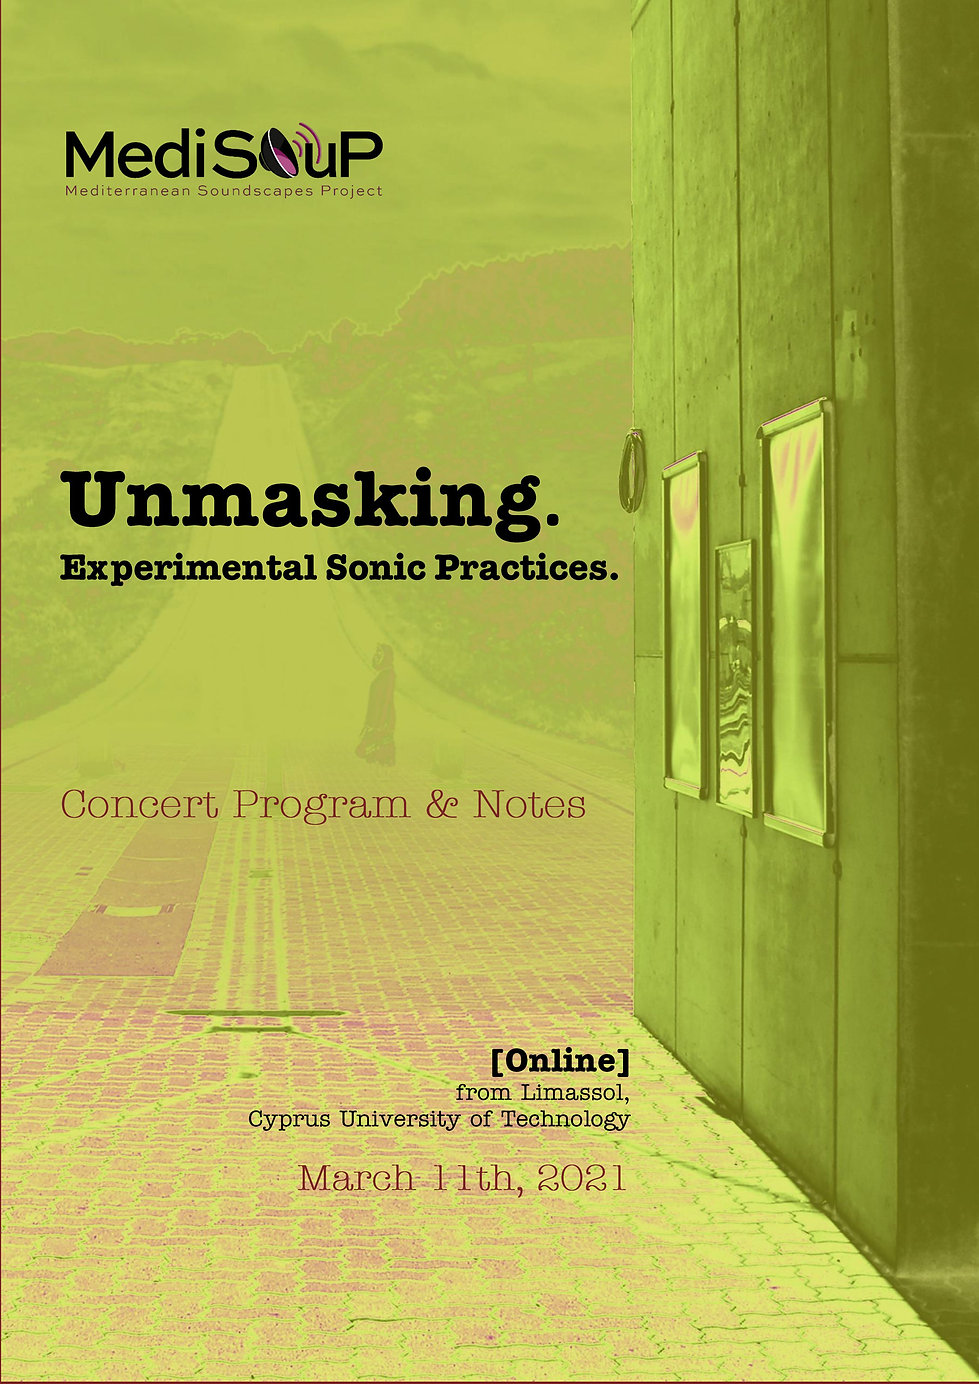 1_PDFsam_Unmasking_concert_notes-1.jpg